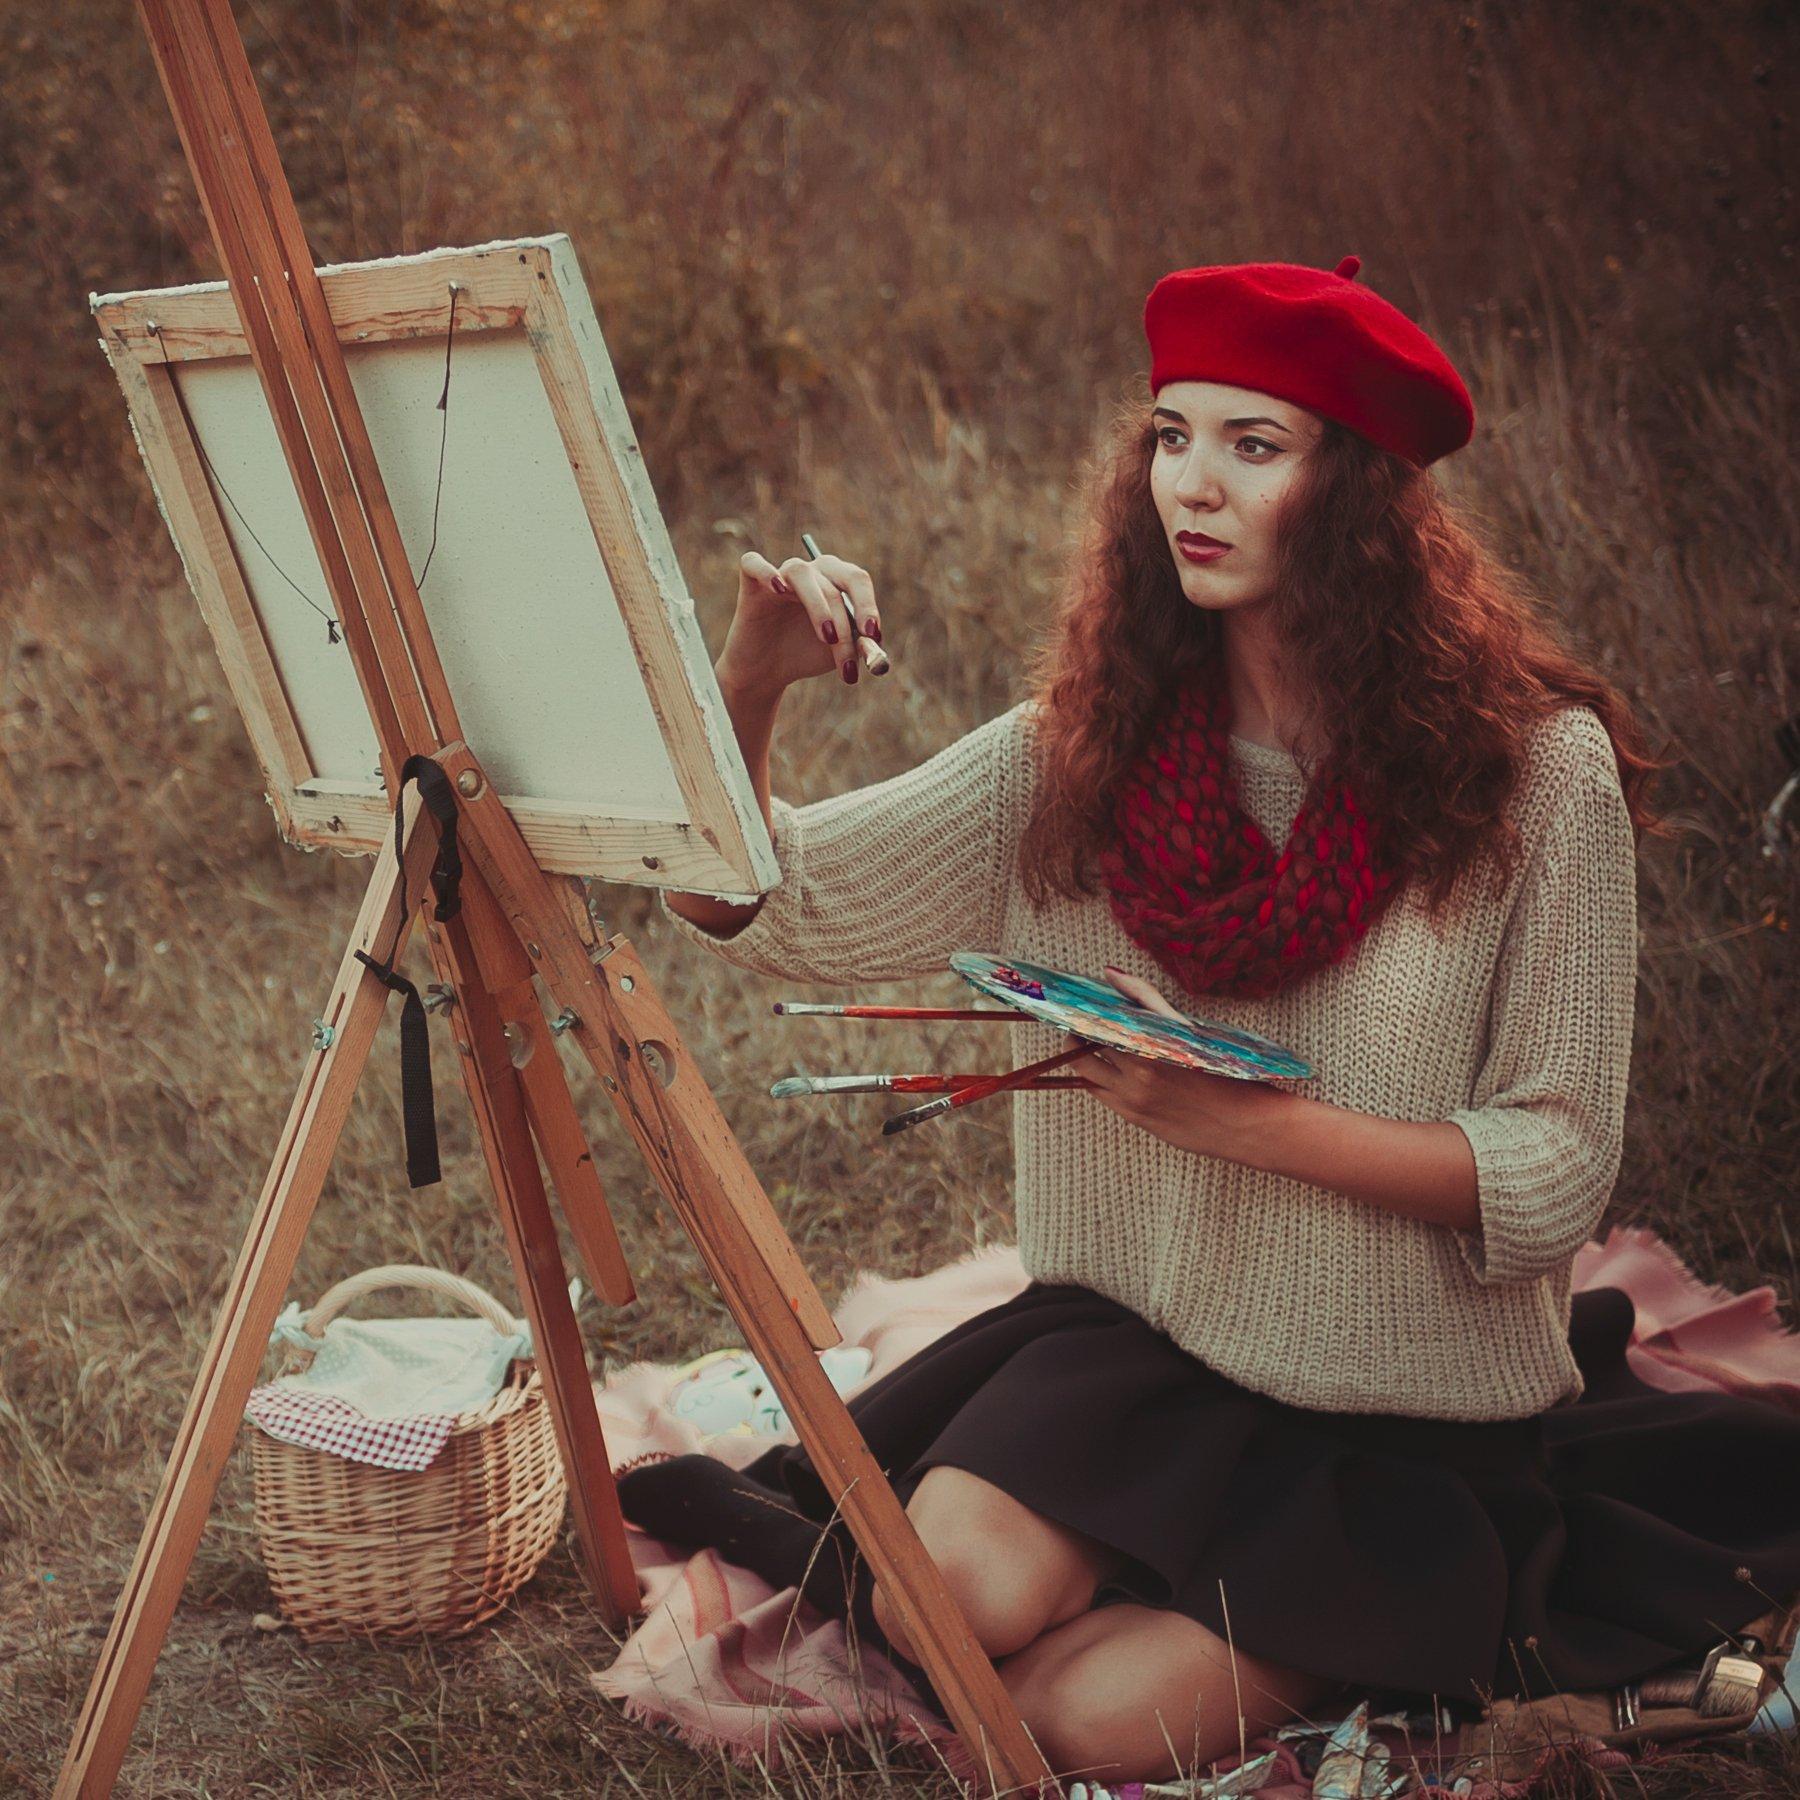 женский образ в работах фотохудожников утверждает